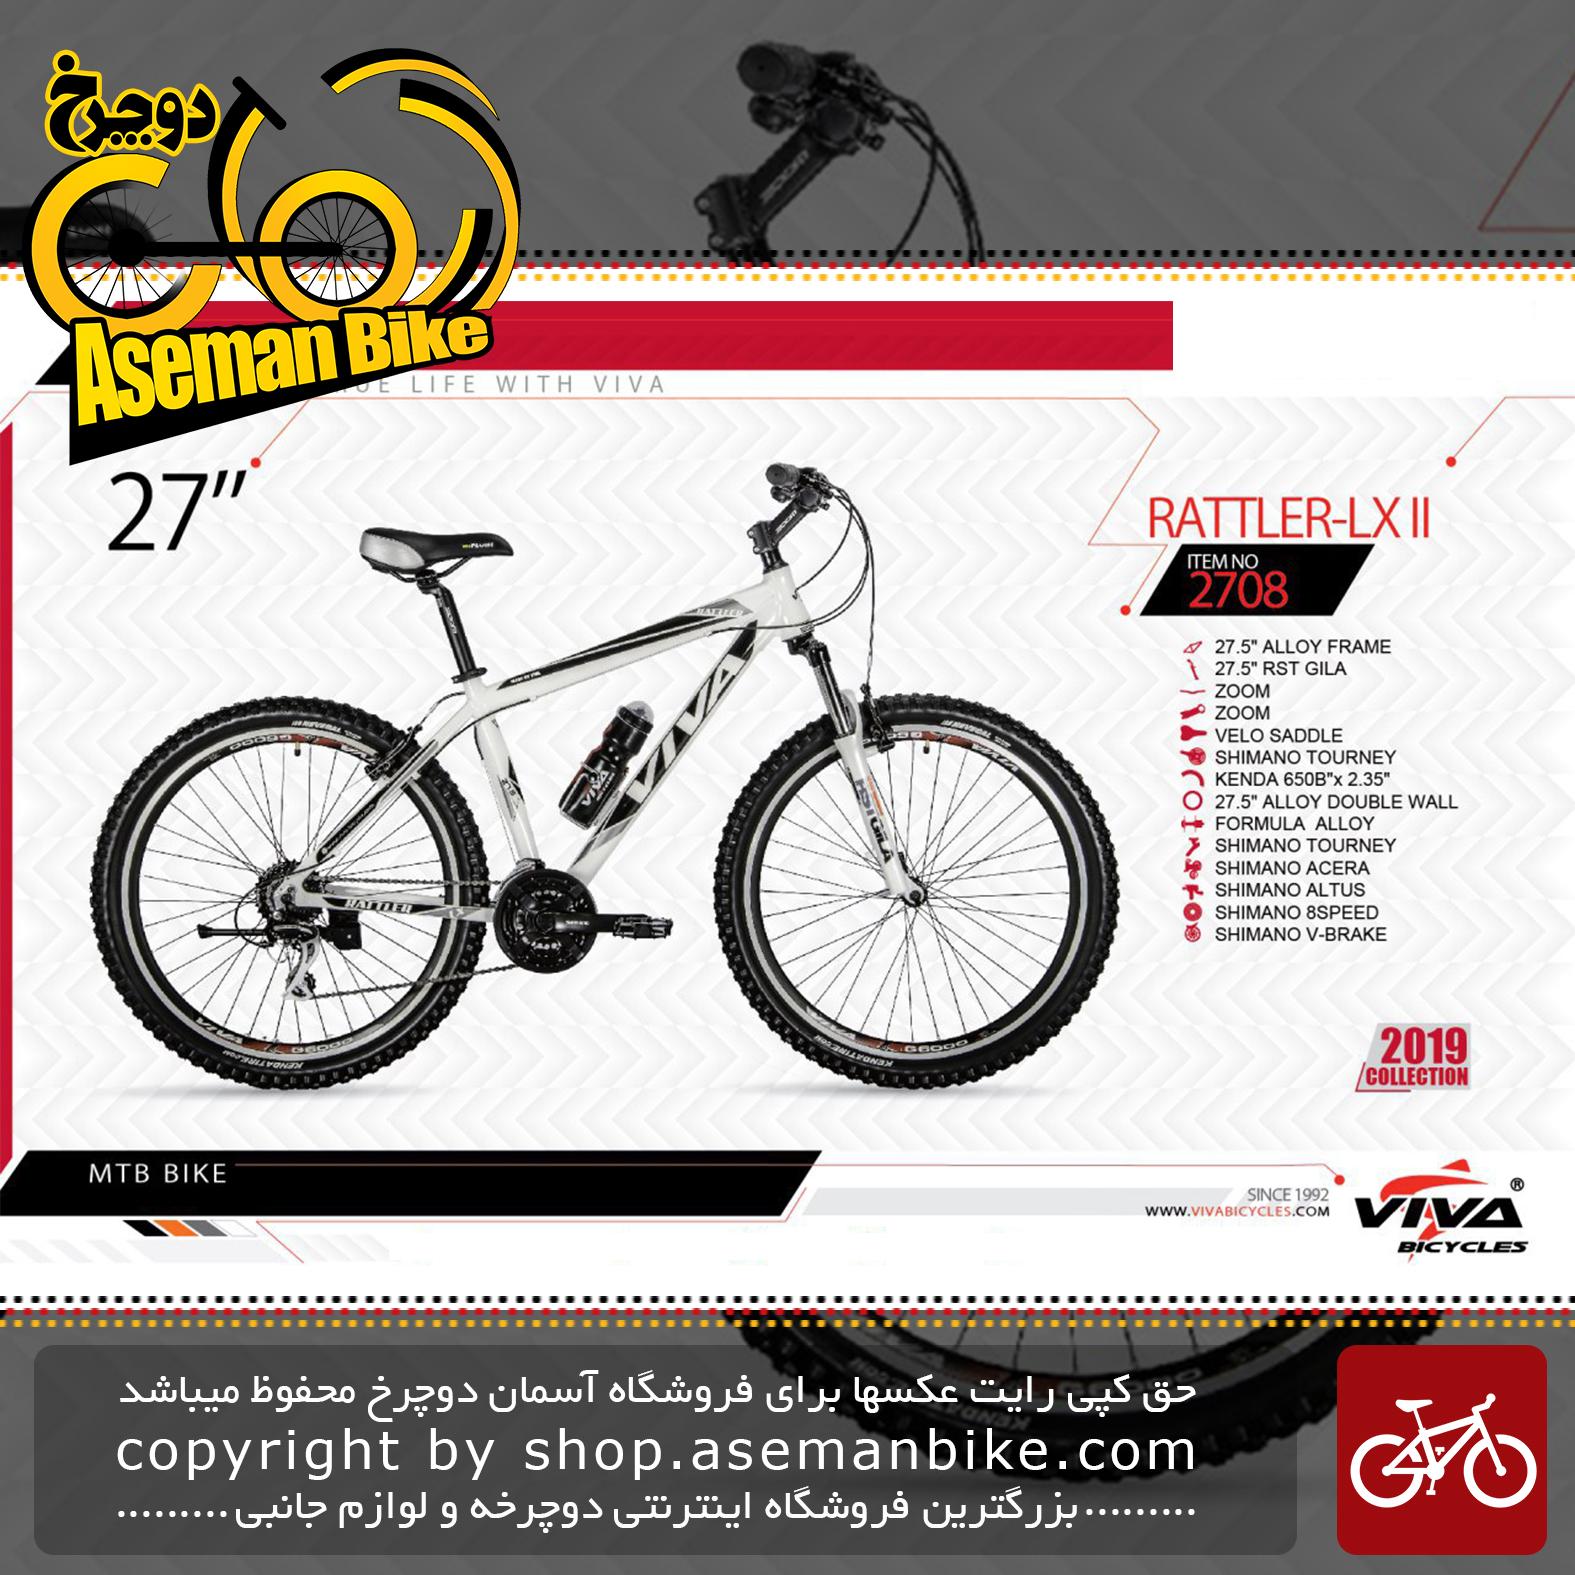 دوچرخه کوهستان سایز 27ویوا مدل راتلر ال ایکس 2 VIVA RATTLER LX 2 SIZE 27 20192019